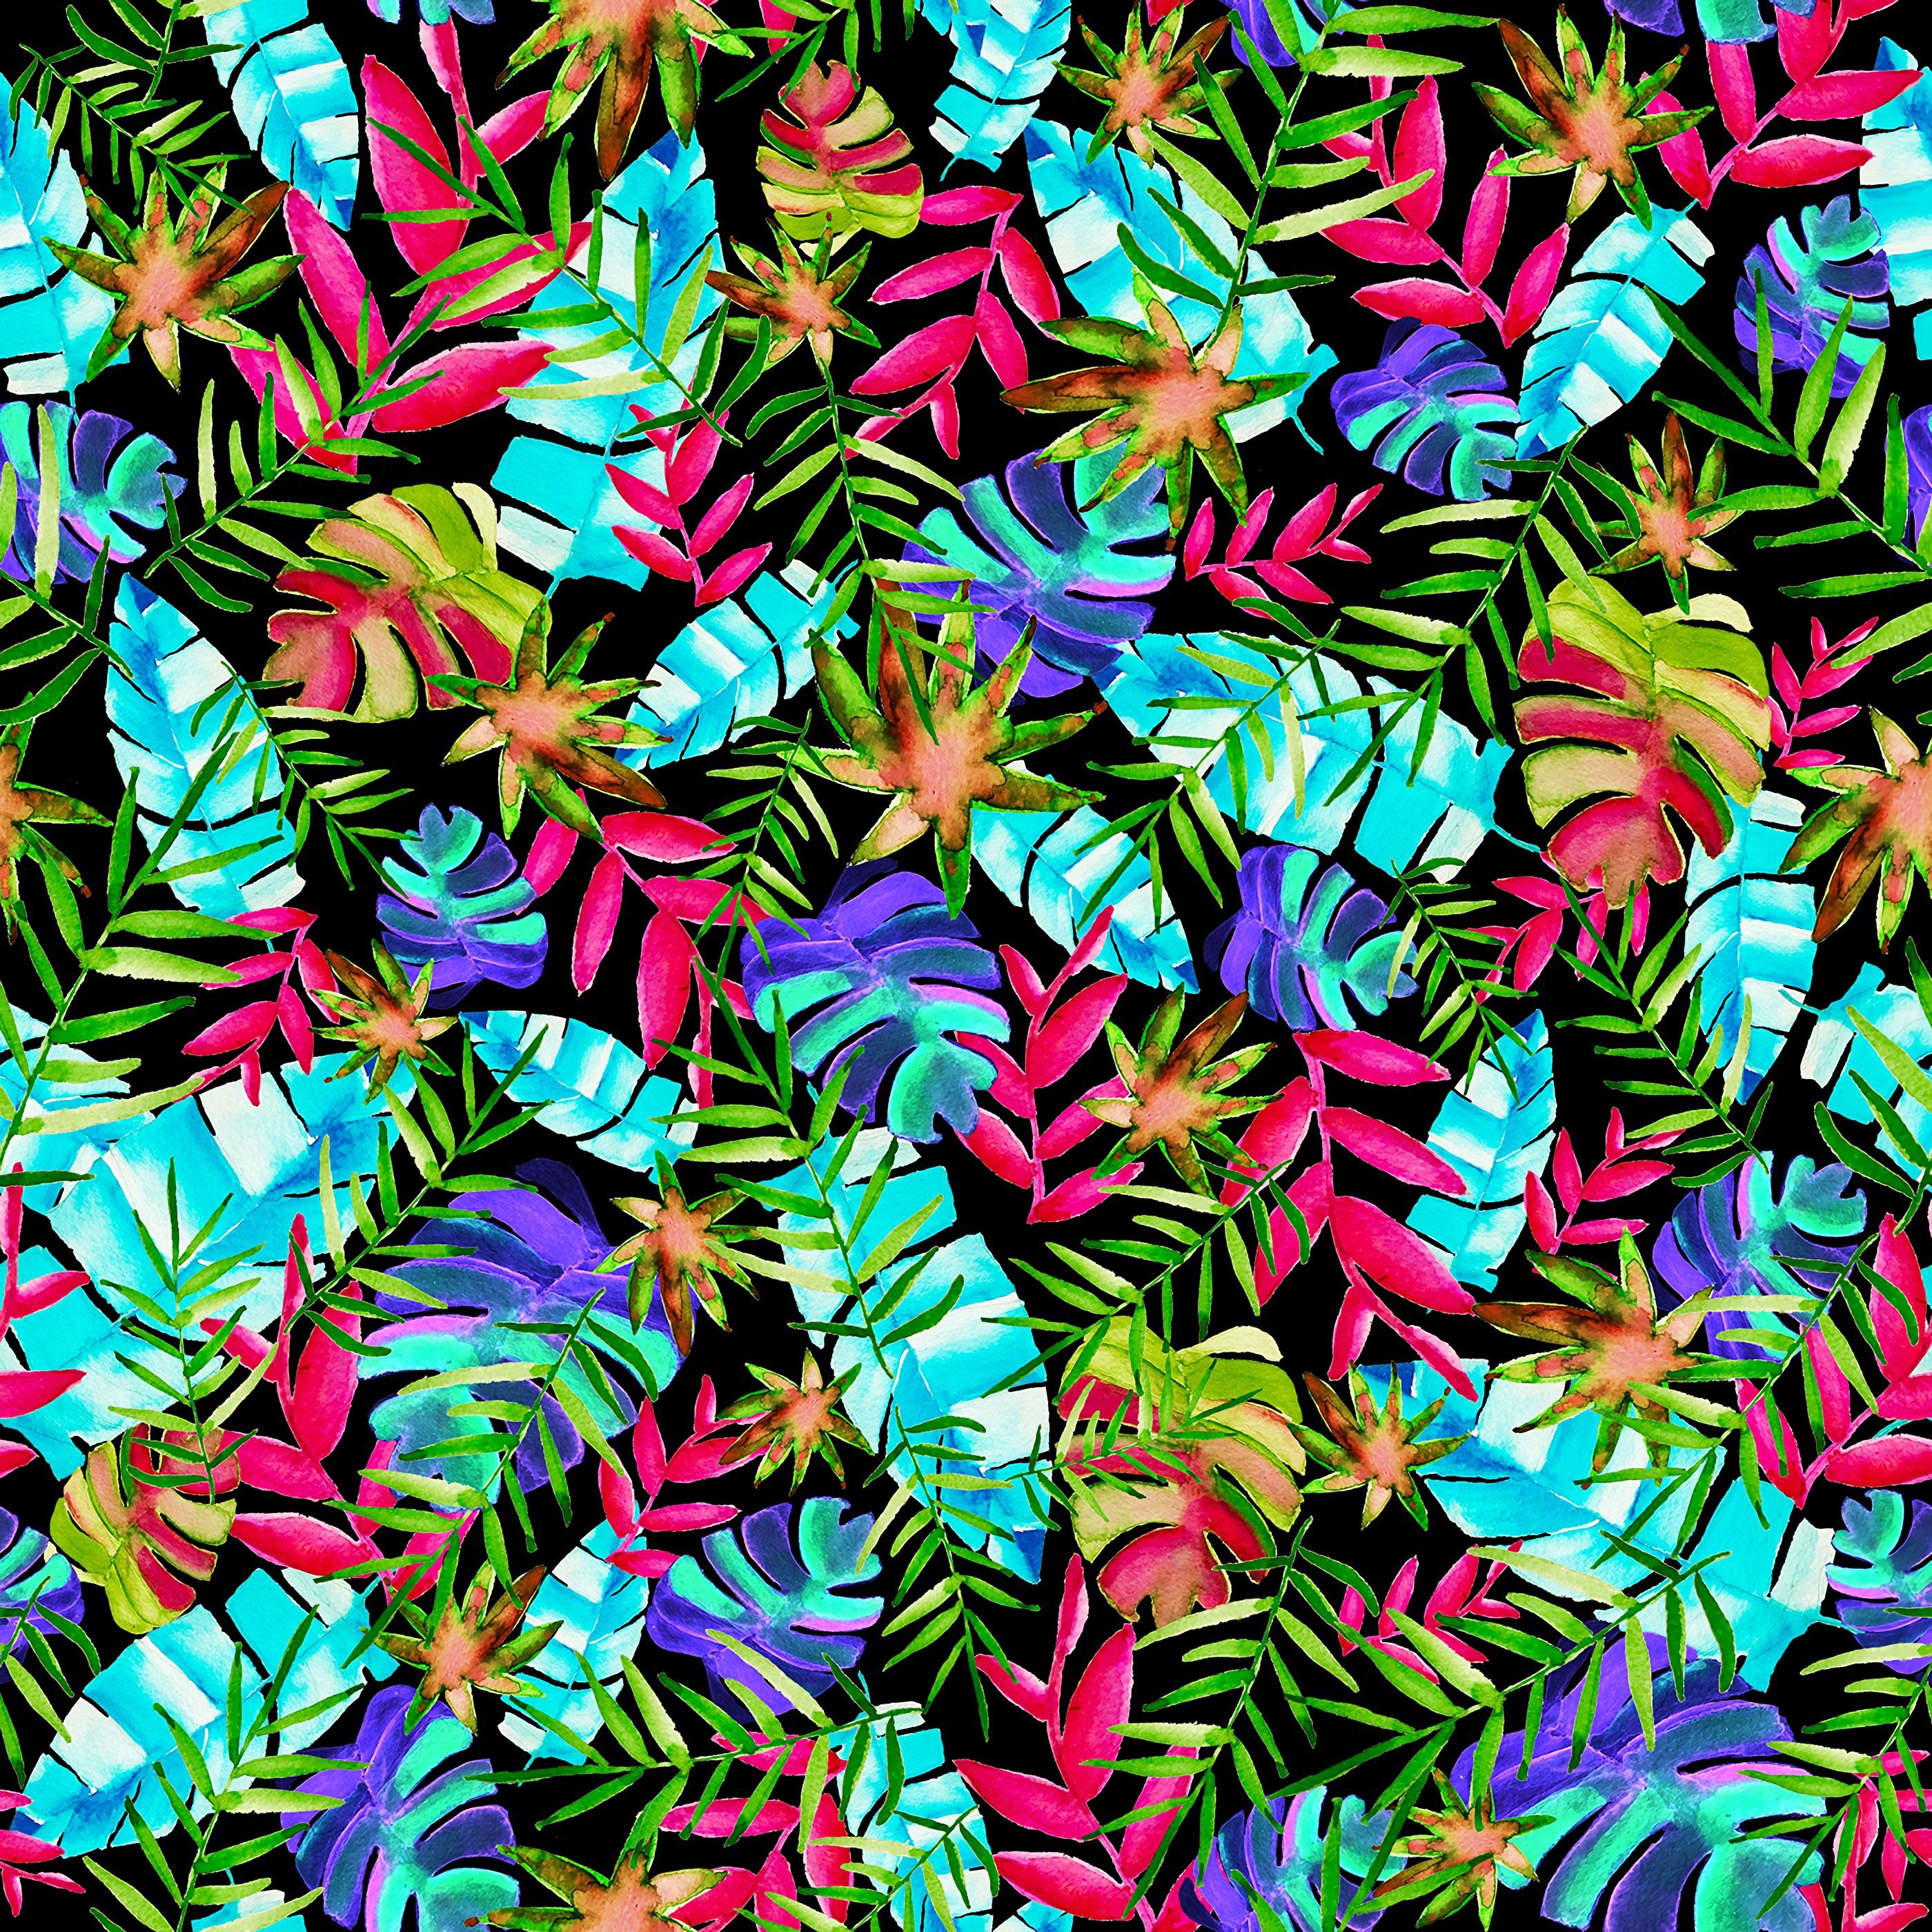 156776 скачать обои Текстуры, Паттерн, Листья, Разноцветный, Растения - заставки и картинки бесплатно